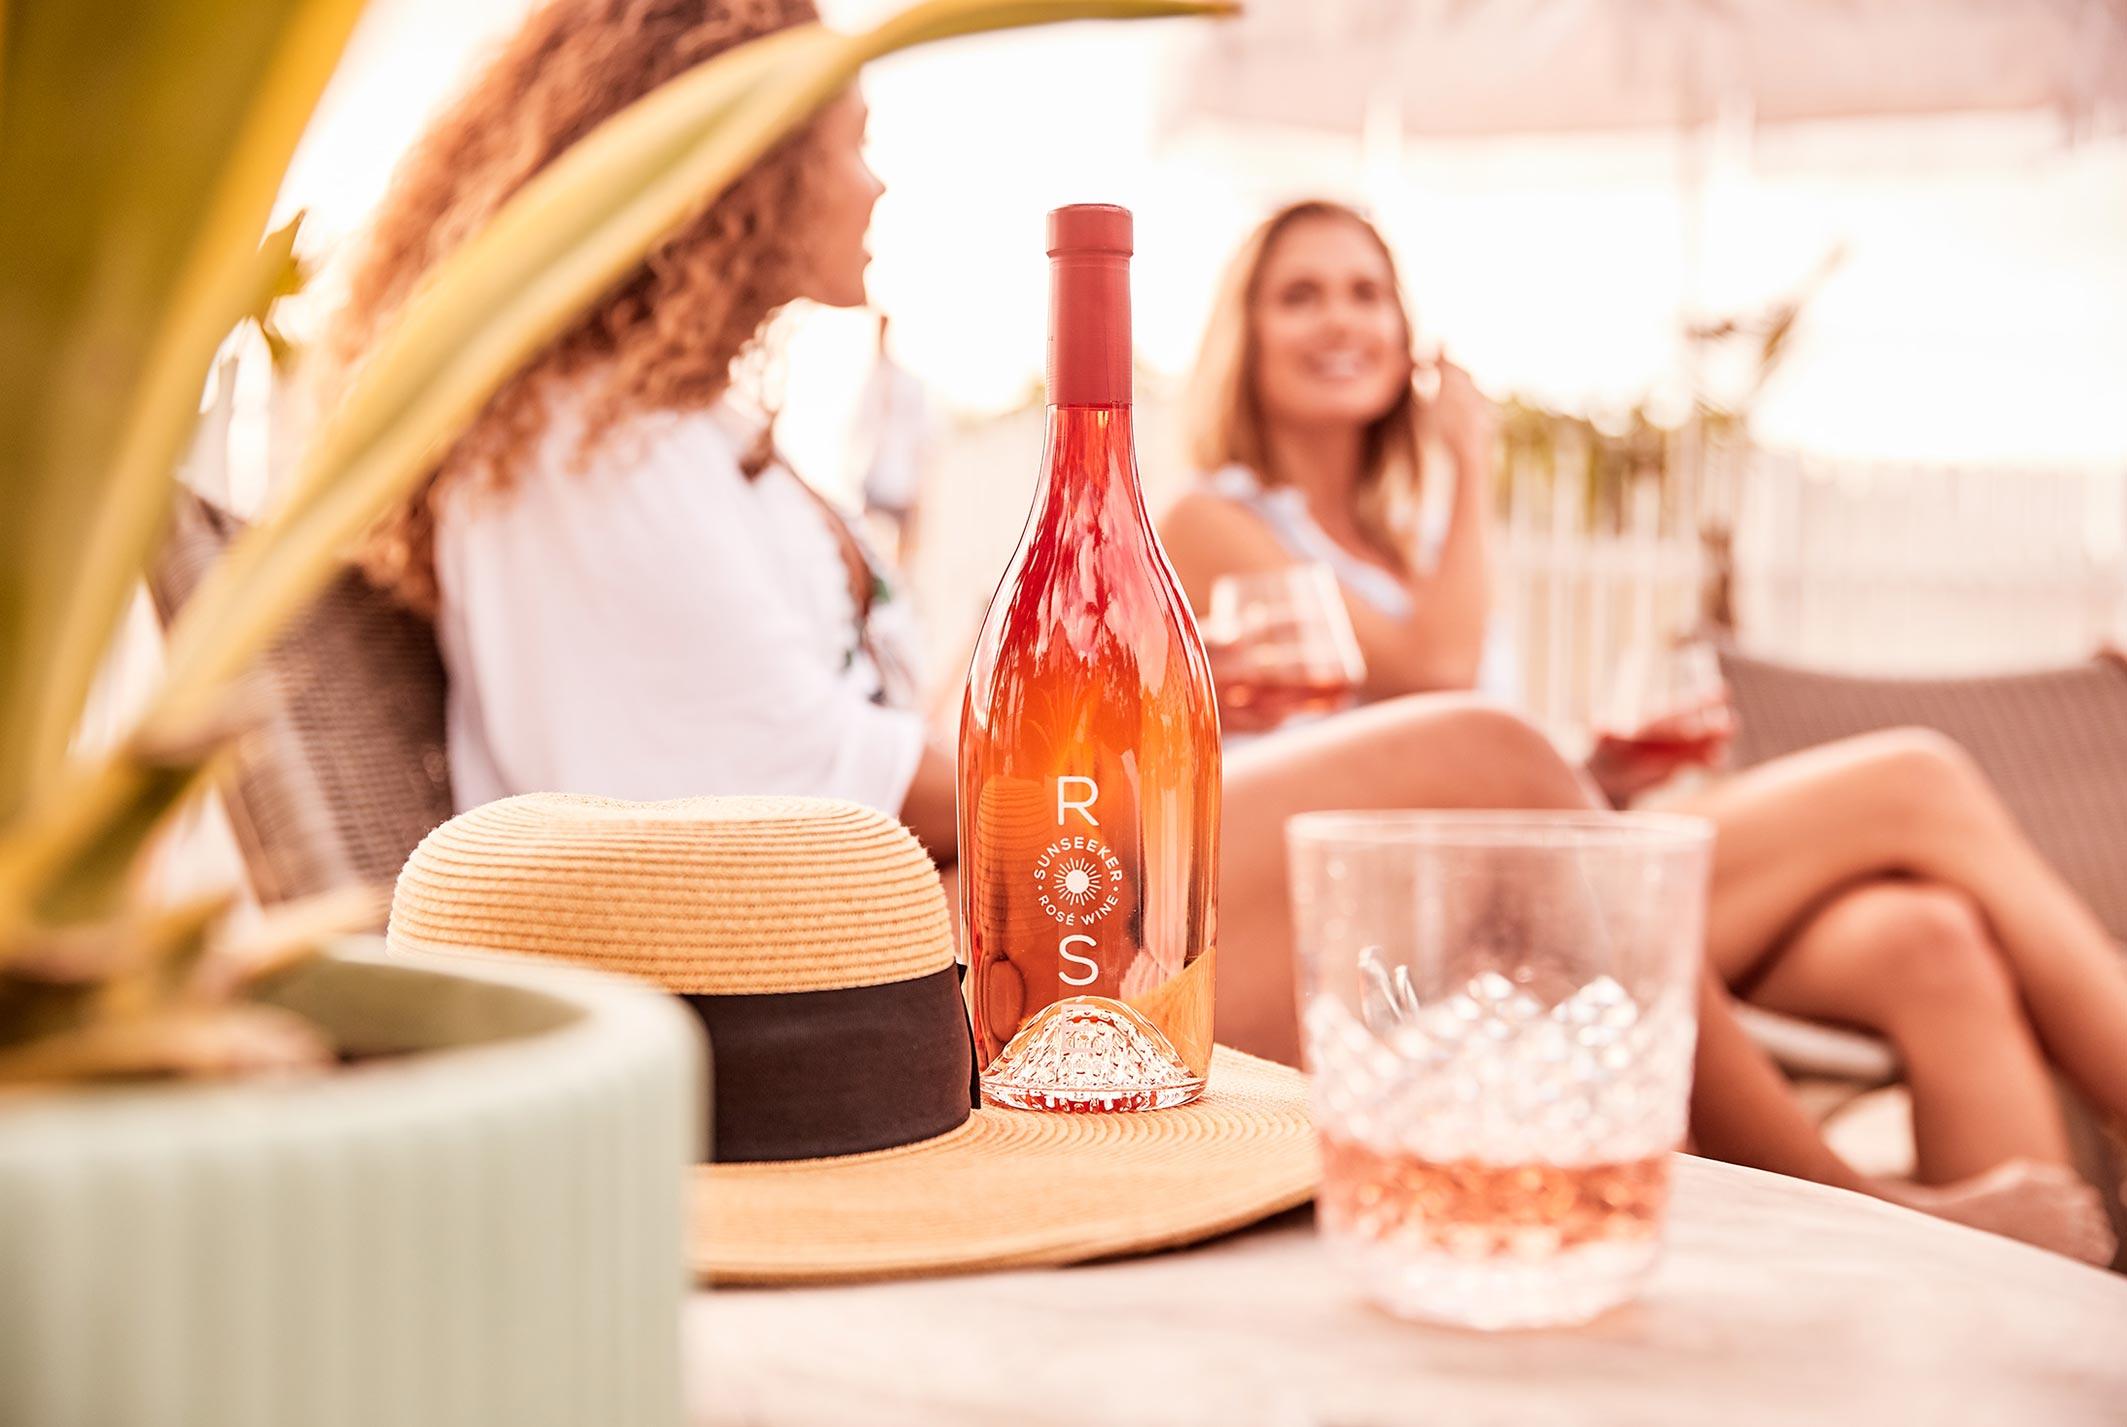 рекламная кампания вина Sunseeker Rose / фото 10